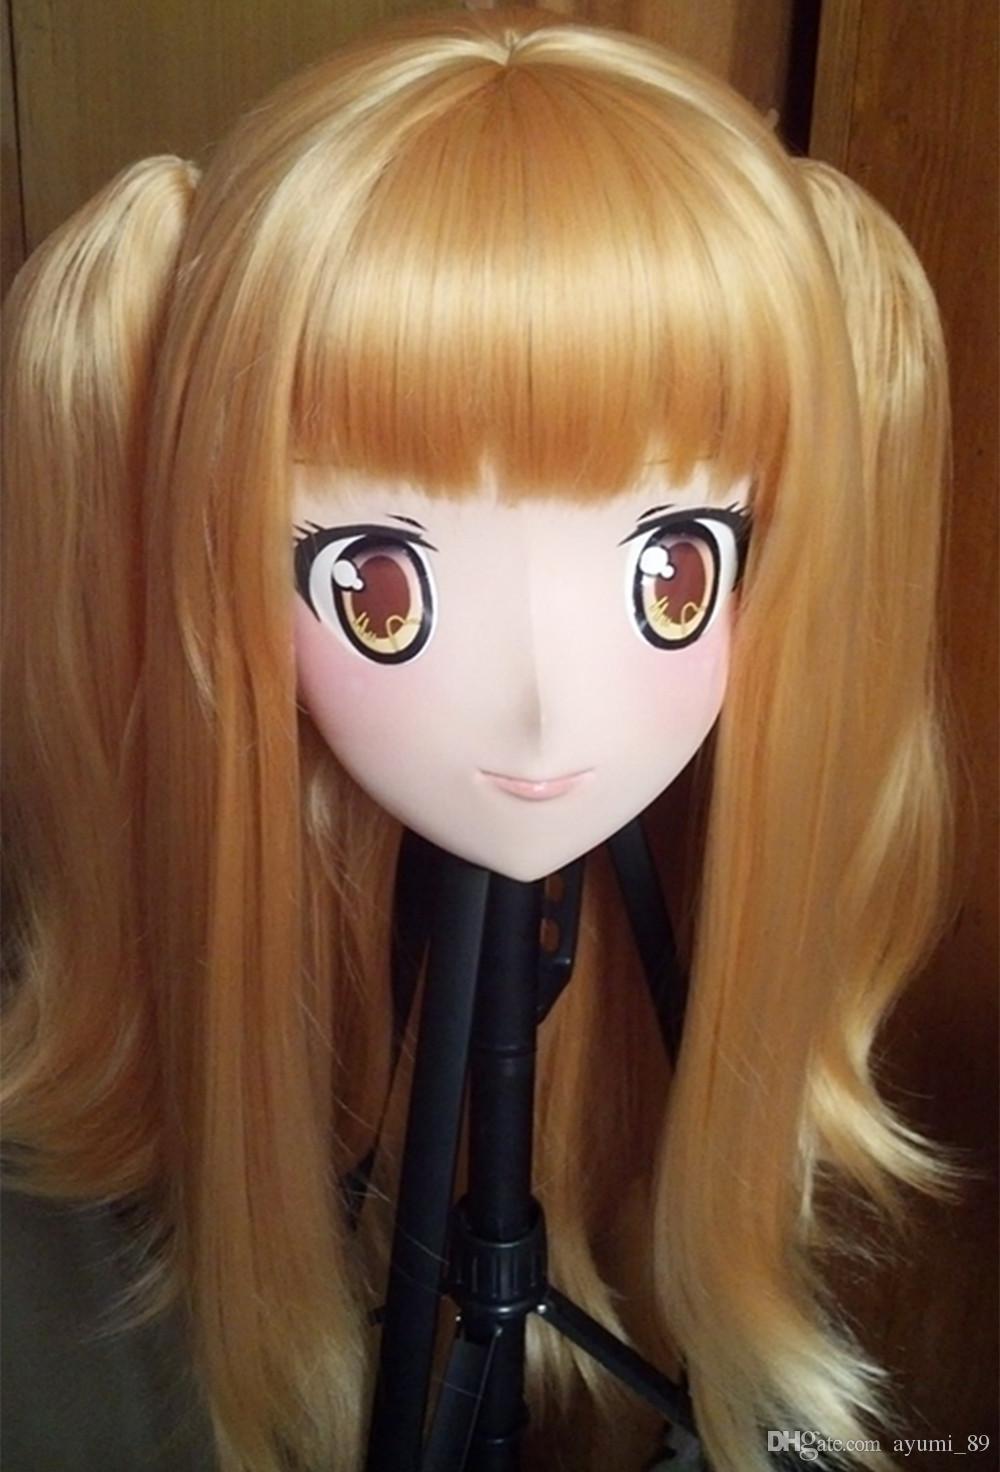 Cabeça cheia Anime KIG Máscara Cosplay Kigurumi Crossdresser Boneca Halloween Fetiche Máscaras de Personagem de Desenho Animado Japonês Personalizado EYES / HAIR